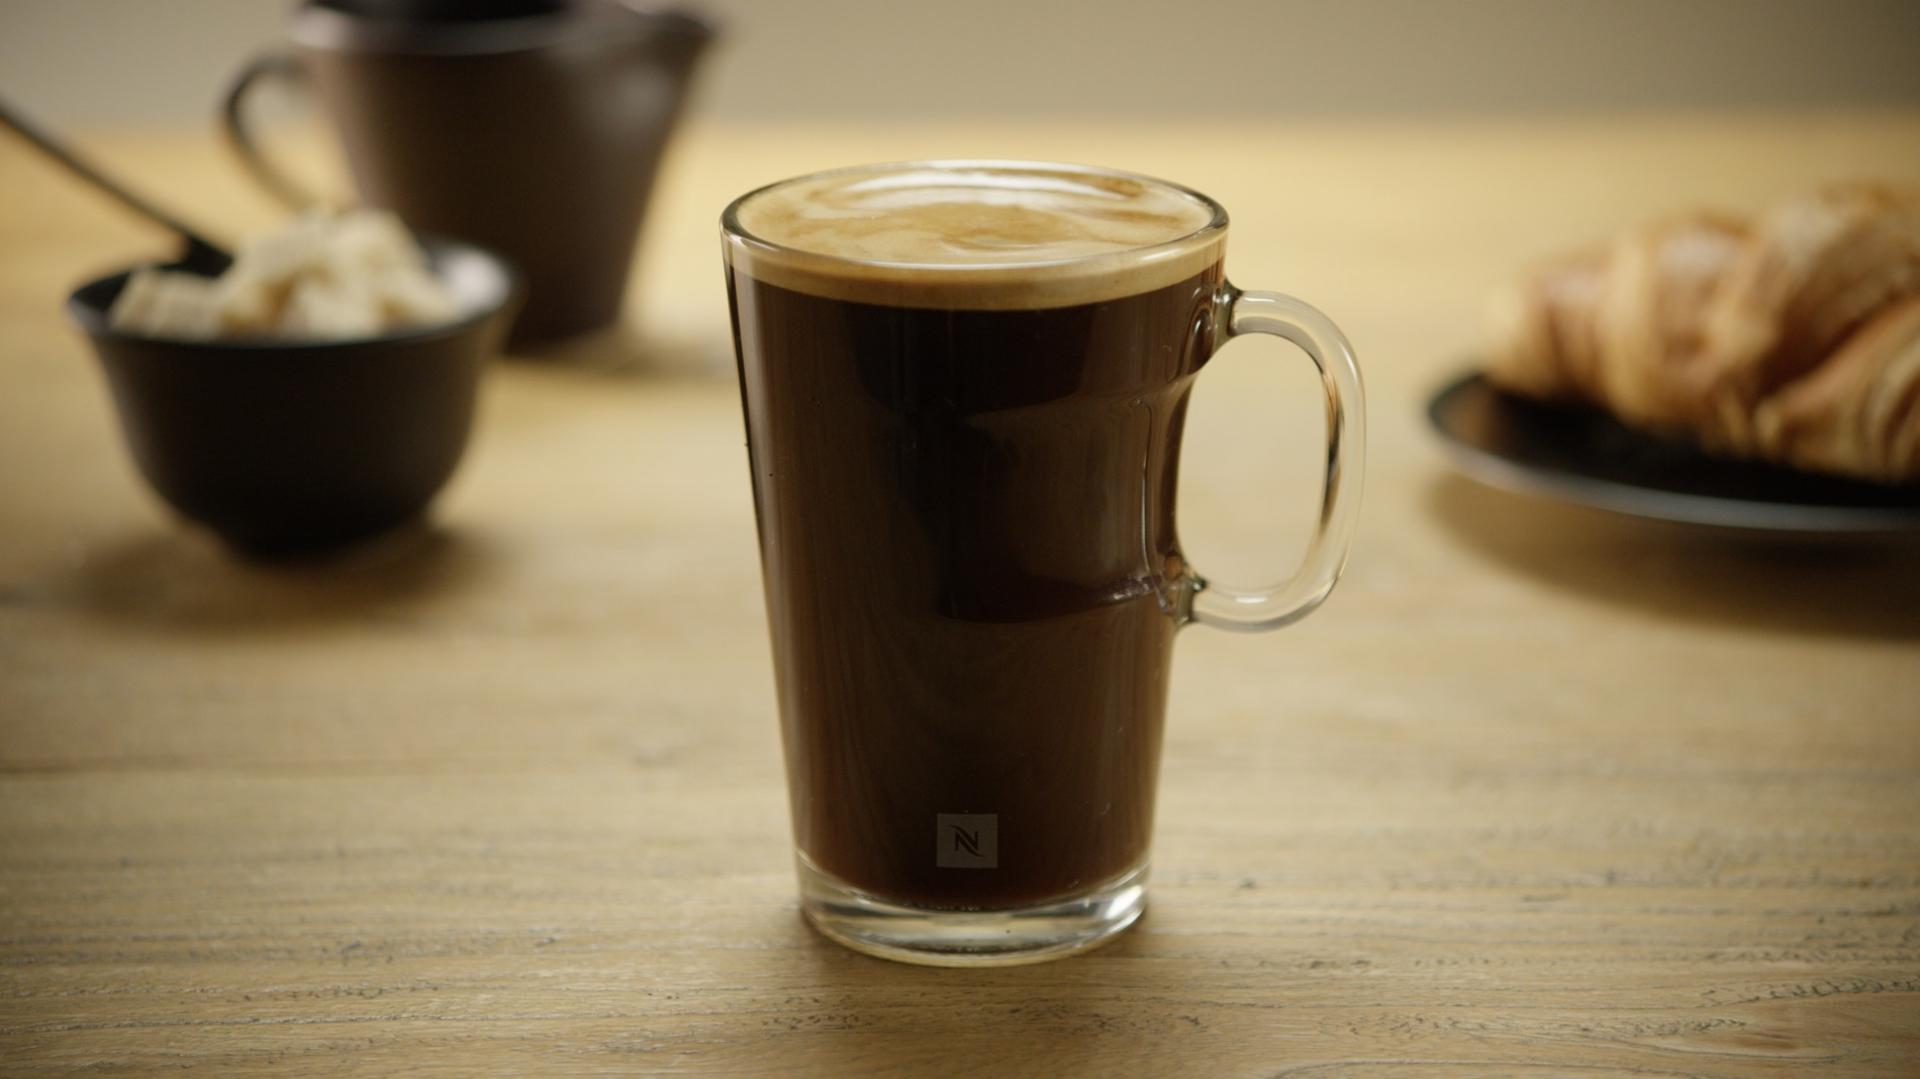 фото кофе амрикано в стакане